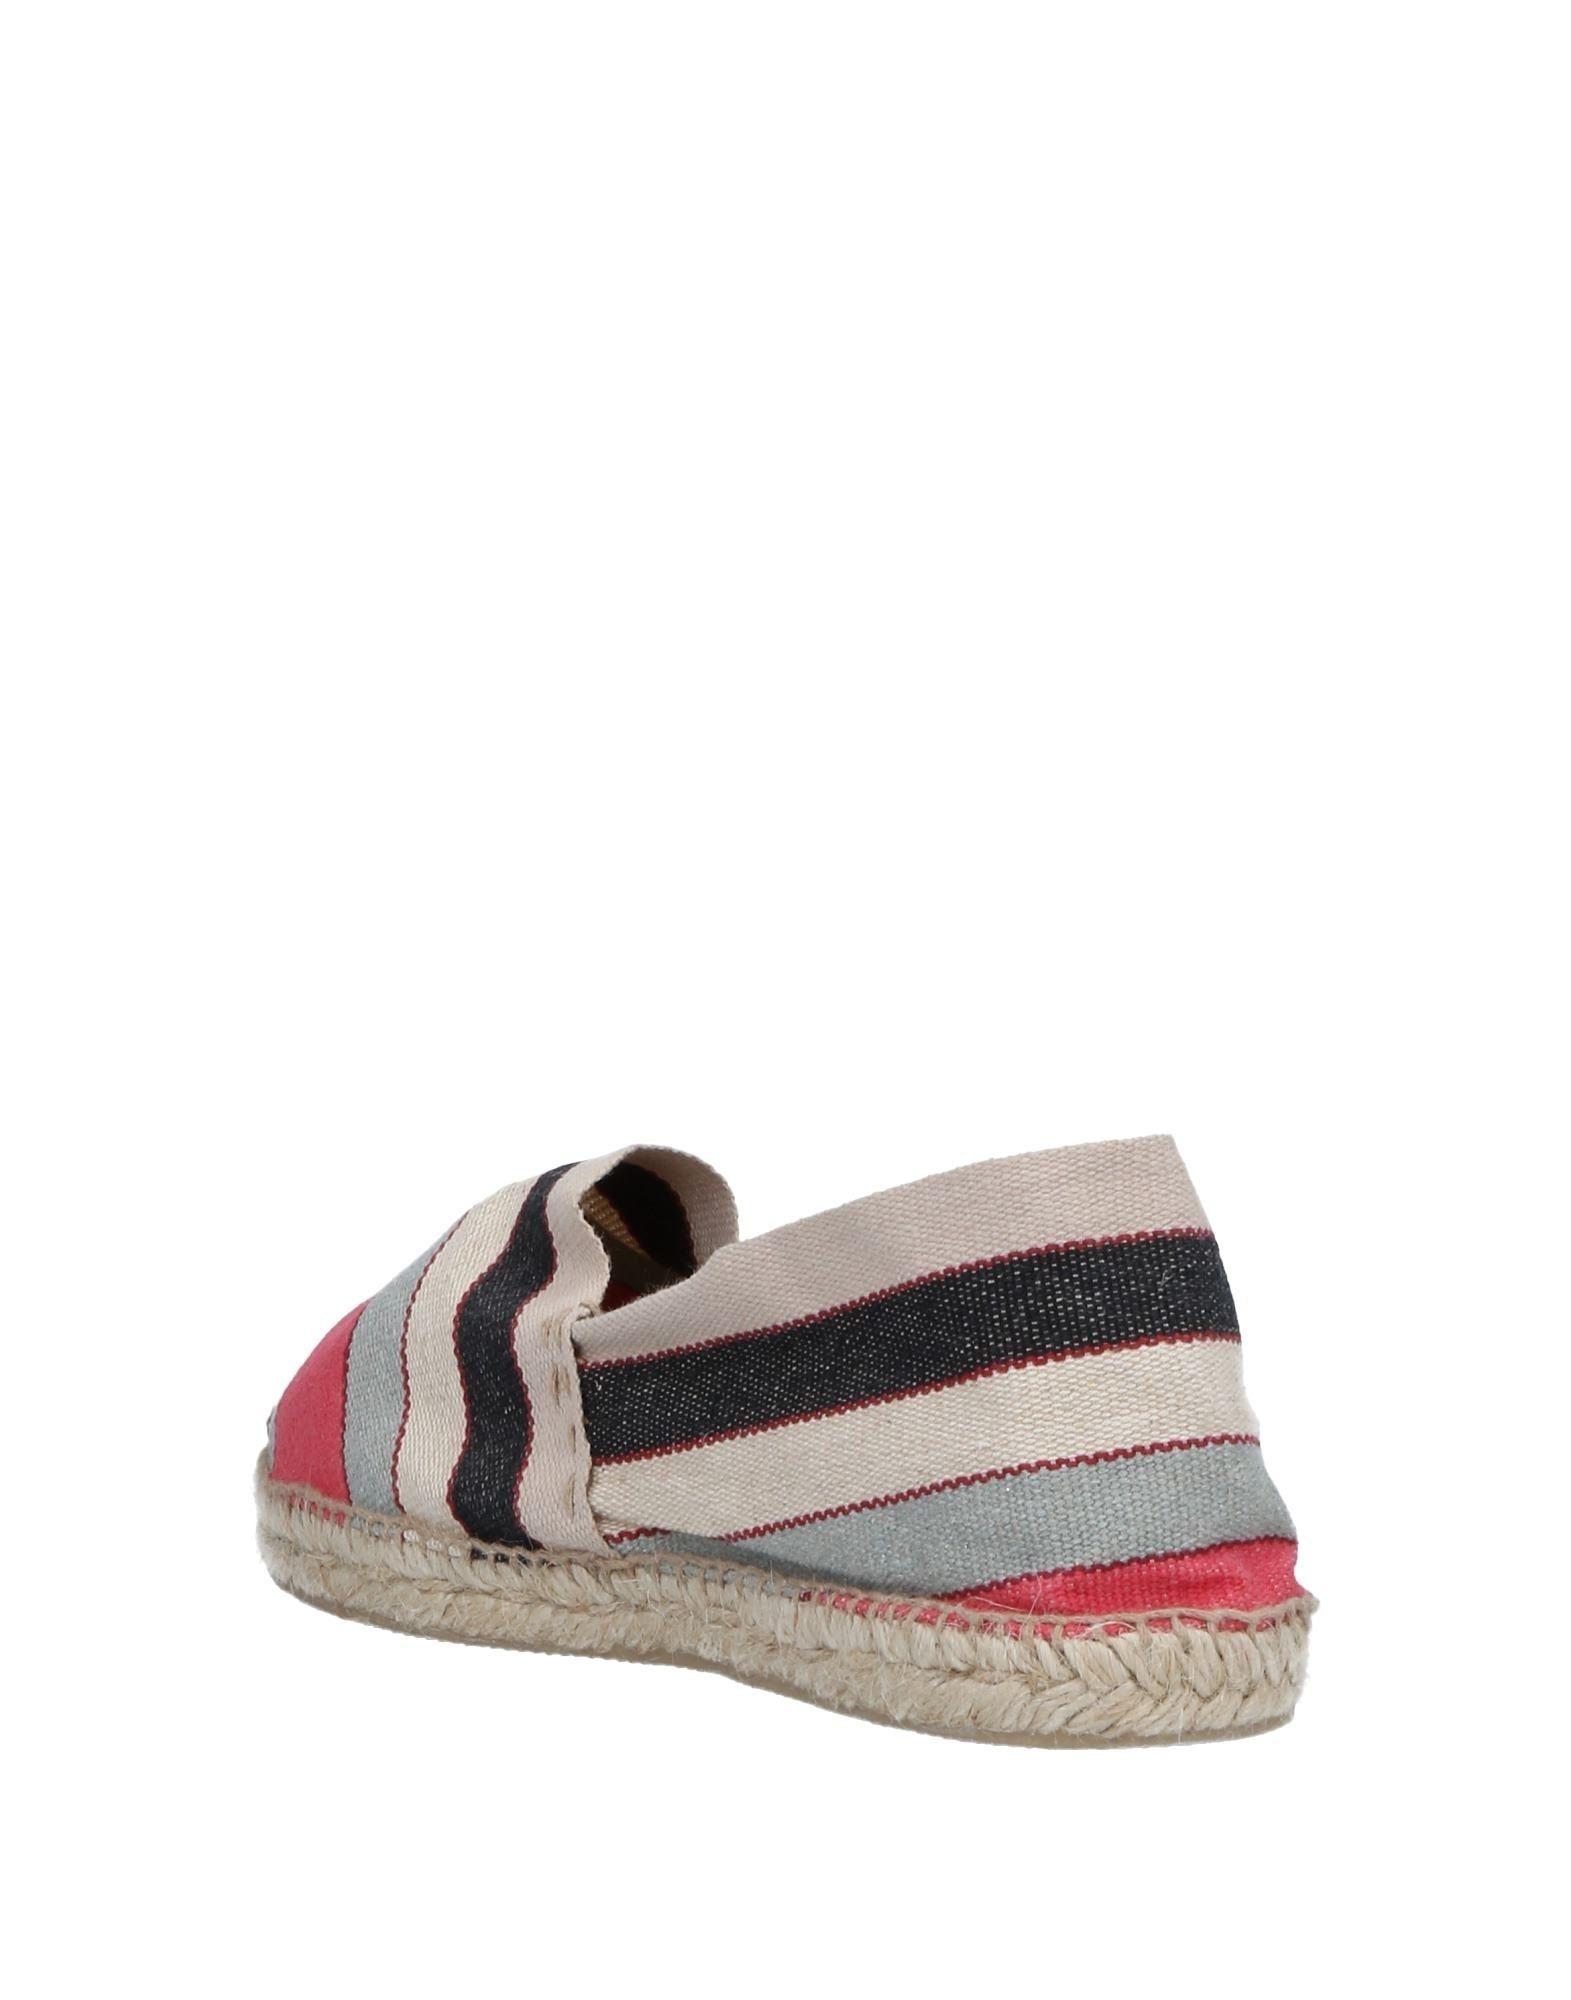 Espadrilles Espadrilles Gute Damen  11520808JU Gute Espadrilles Qualität beliebte Schuhe a80f72